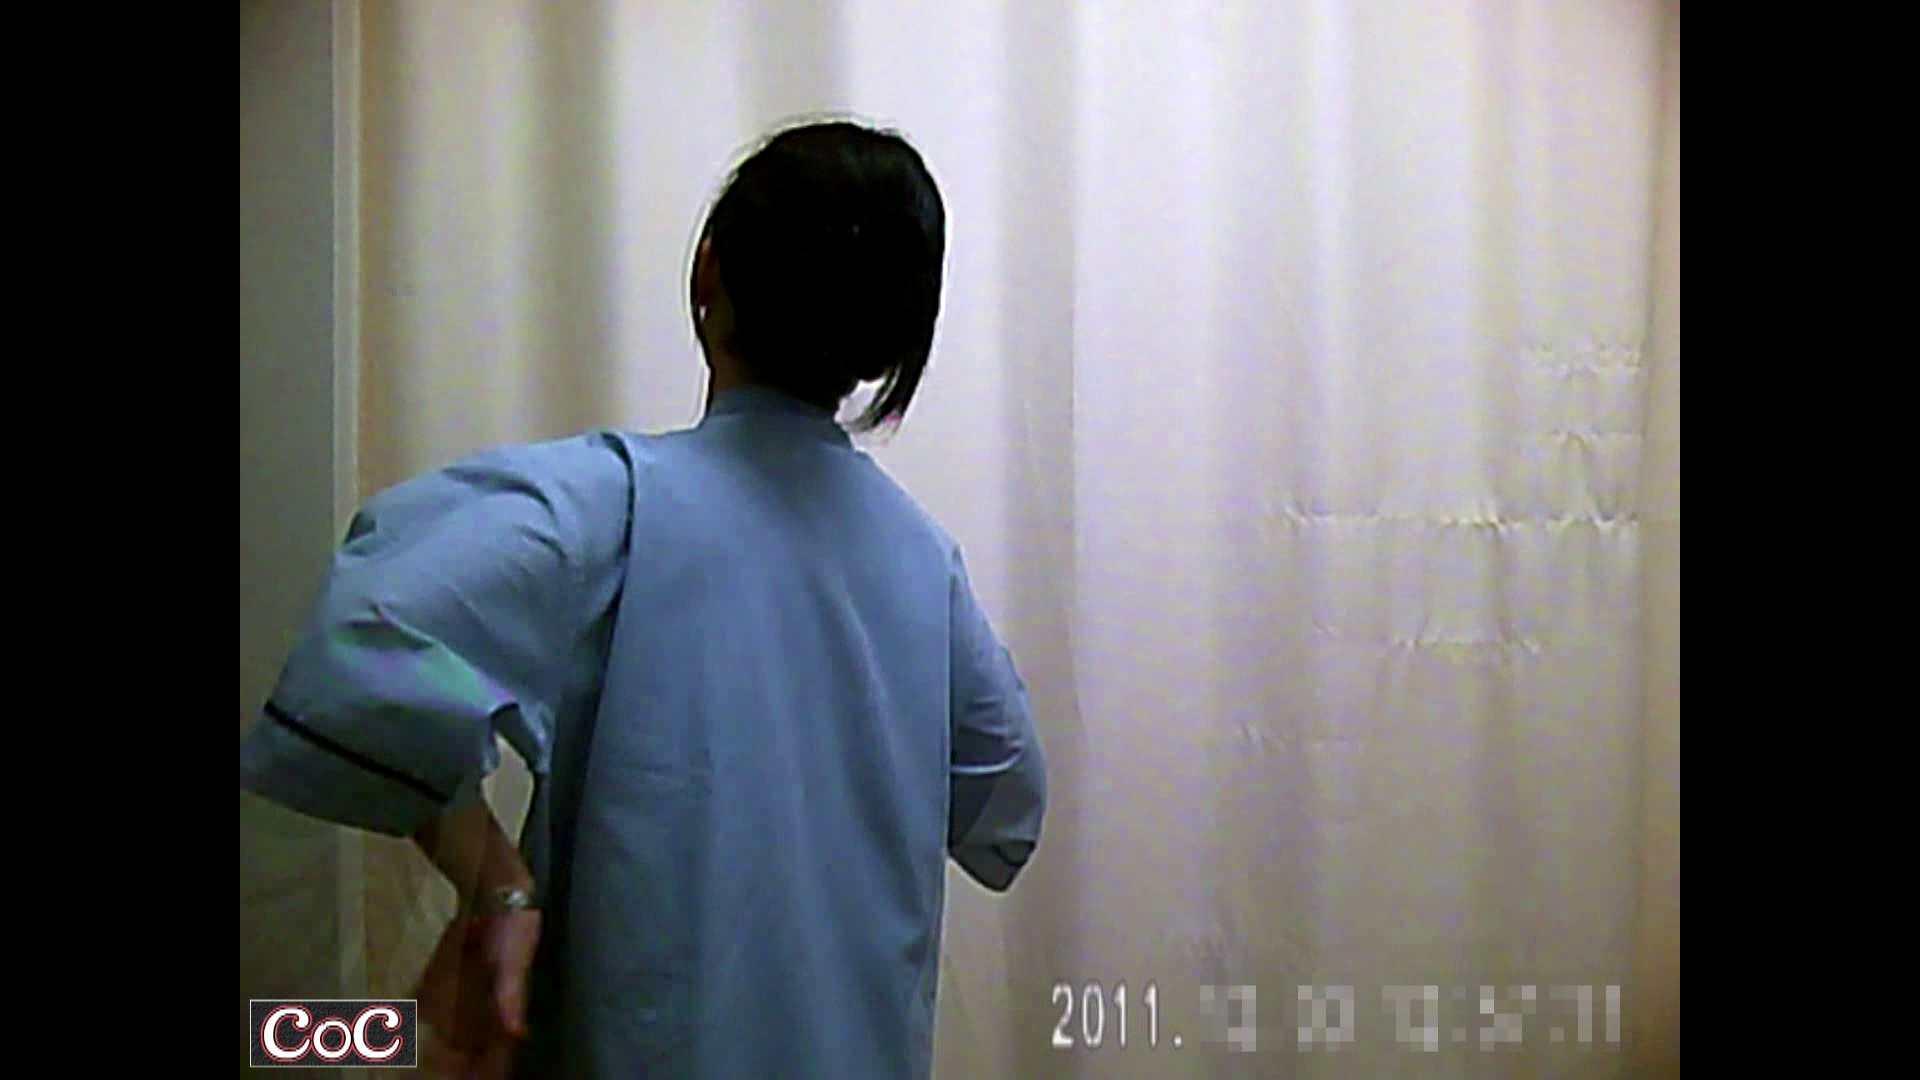 元医者による反抗 更衣室地獄絵巻 vol.186 OL  98pic 72